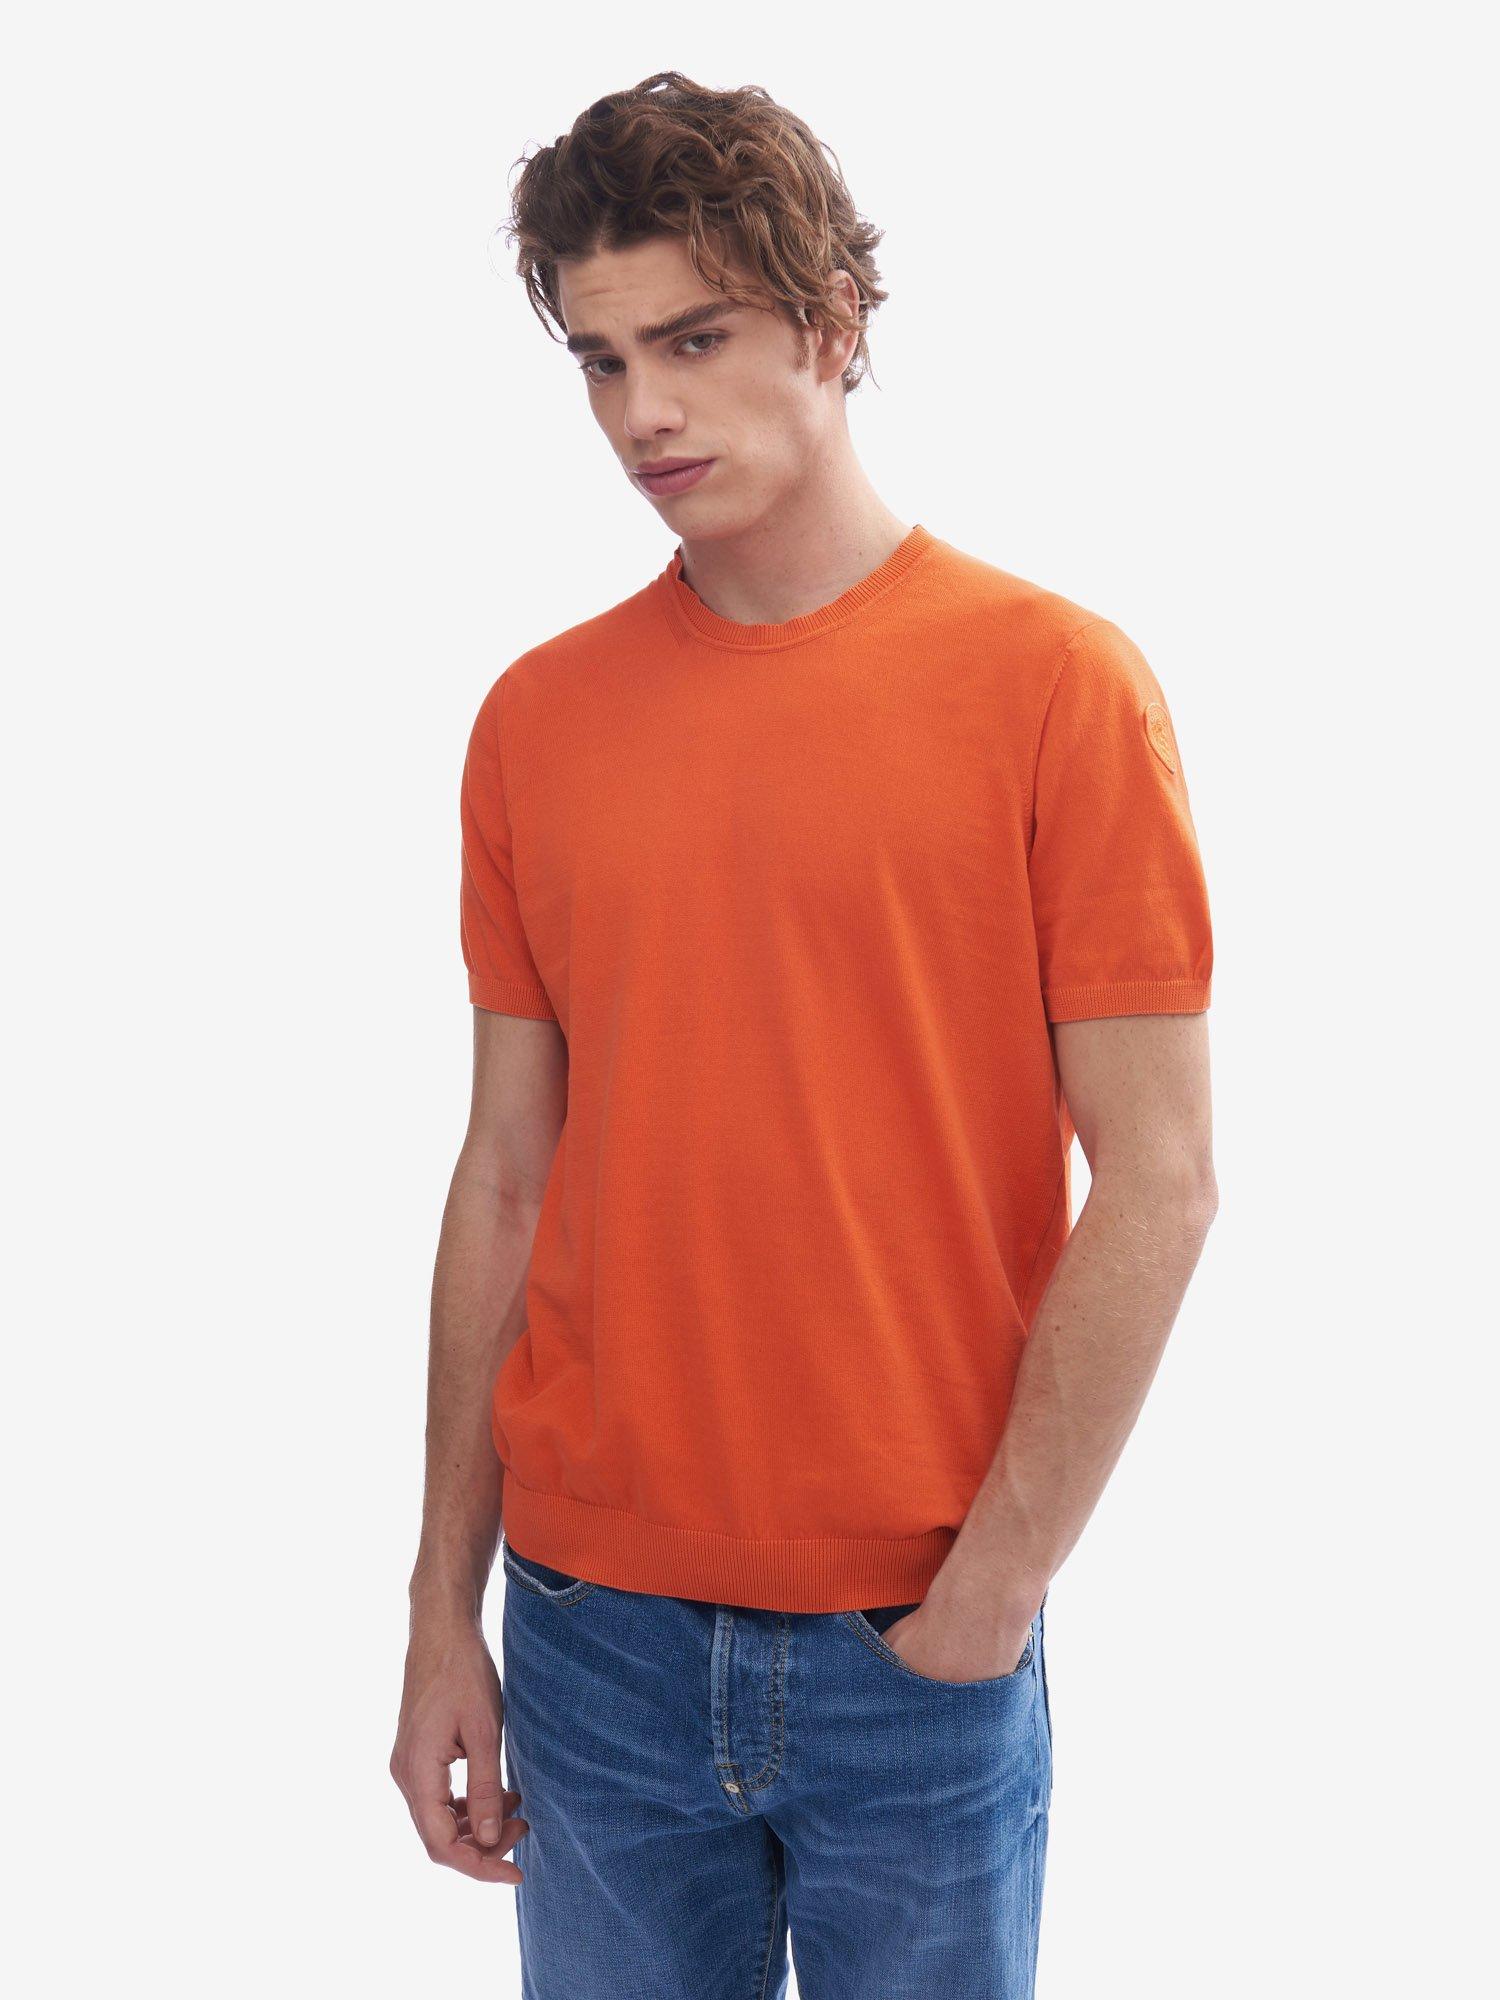 Blauer - SHORT SLEEVE COTTON SWEATER - Bright Orange - Blauer